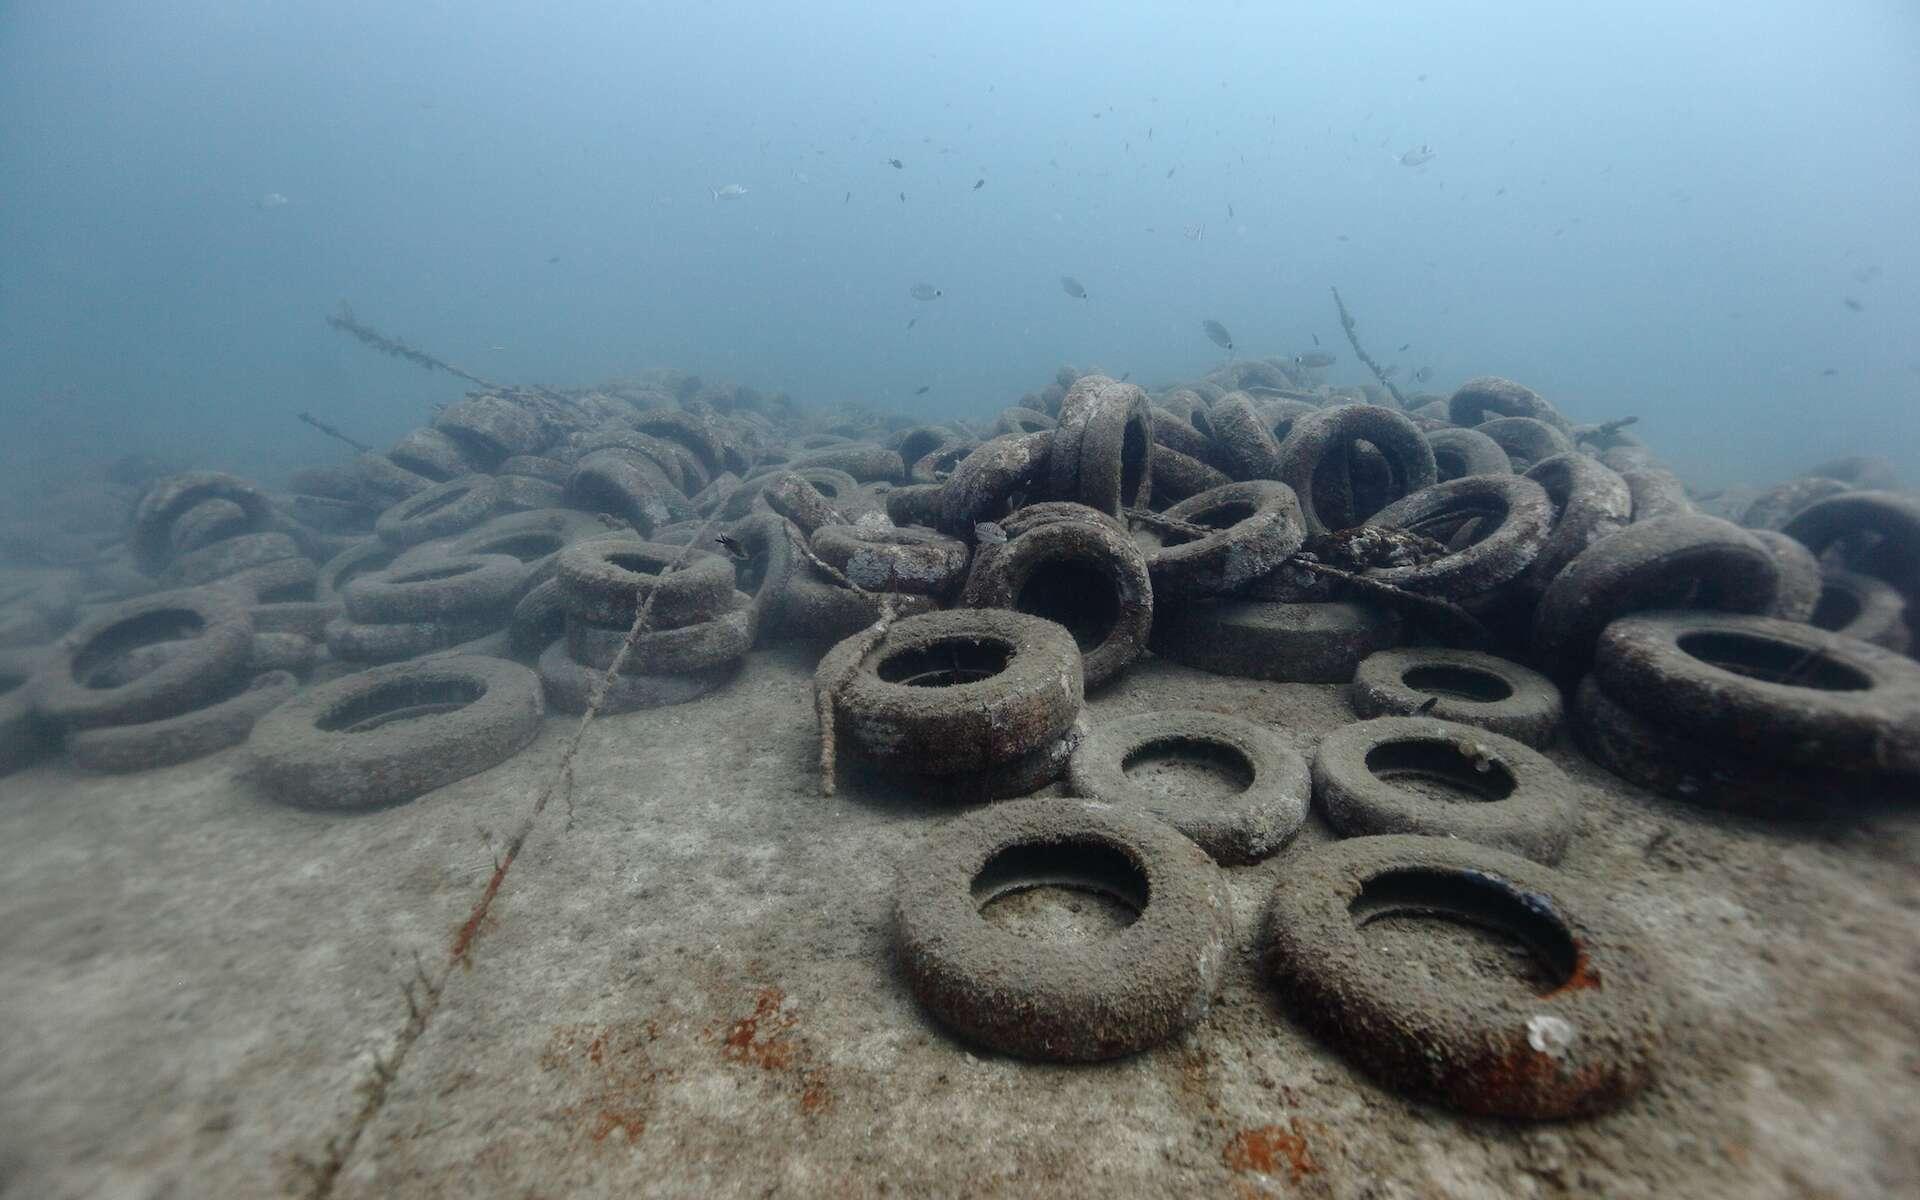 Les récifs en pneus n'ont pas résisté à la houle et aux courants et se sont écroulés puis disséminés. © Jérôme Espla / Poisson-Lune Productions